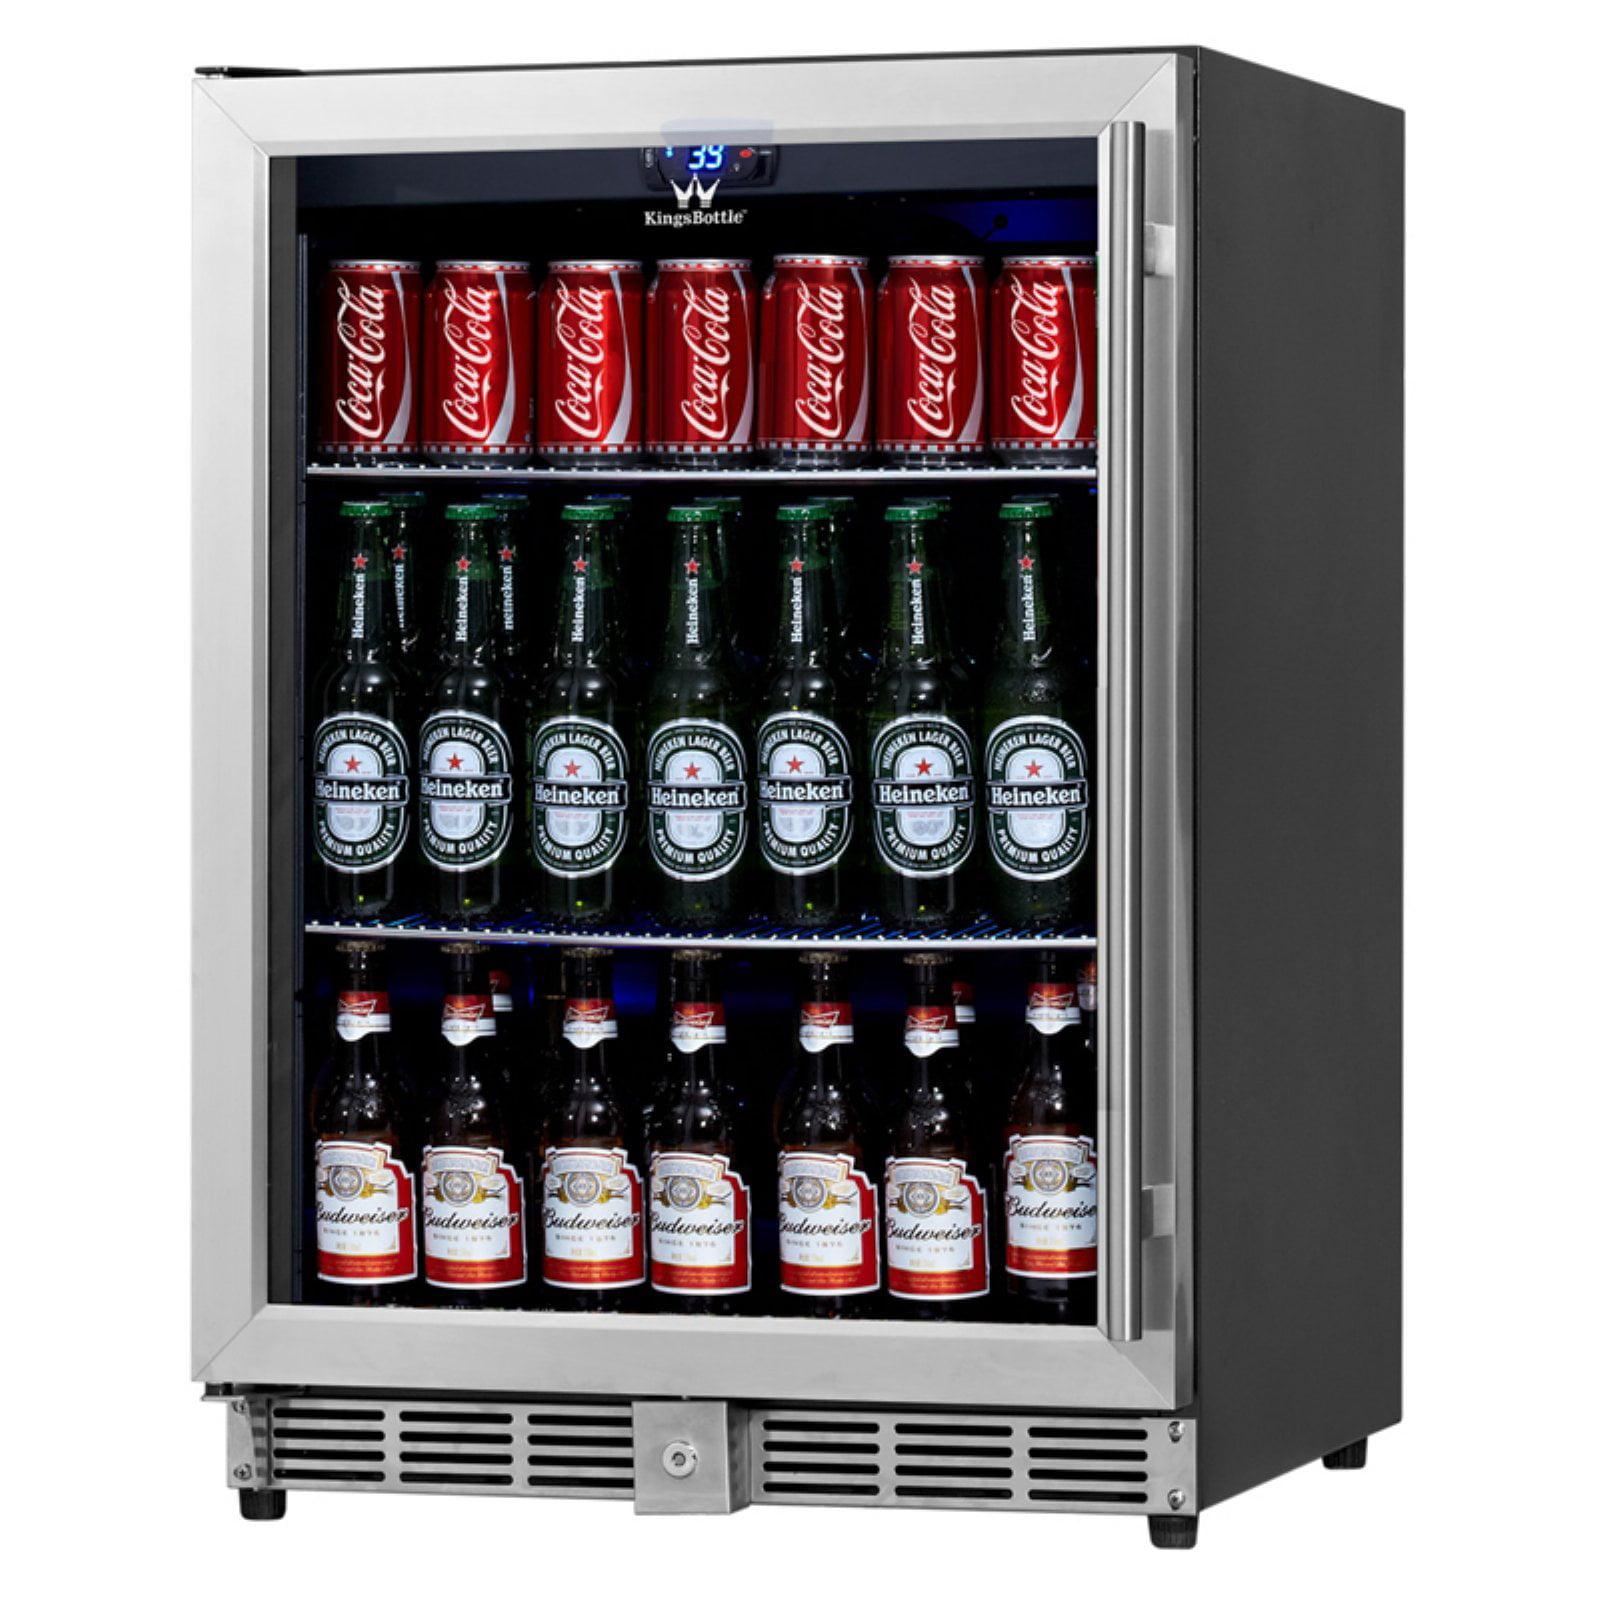 Kingsbottle 160-Can Beverage Fridge, Silver